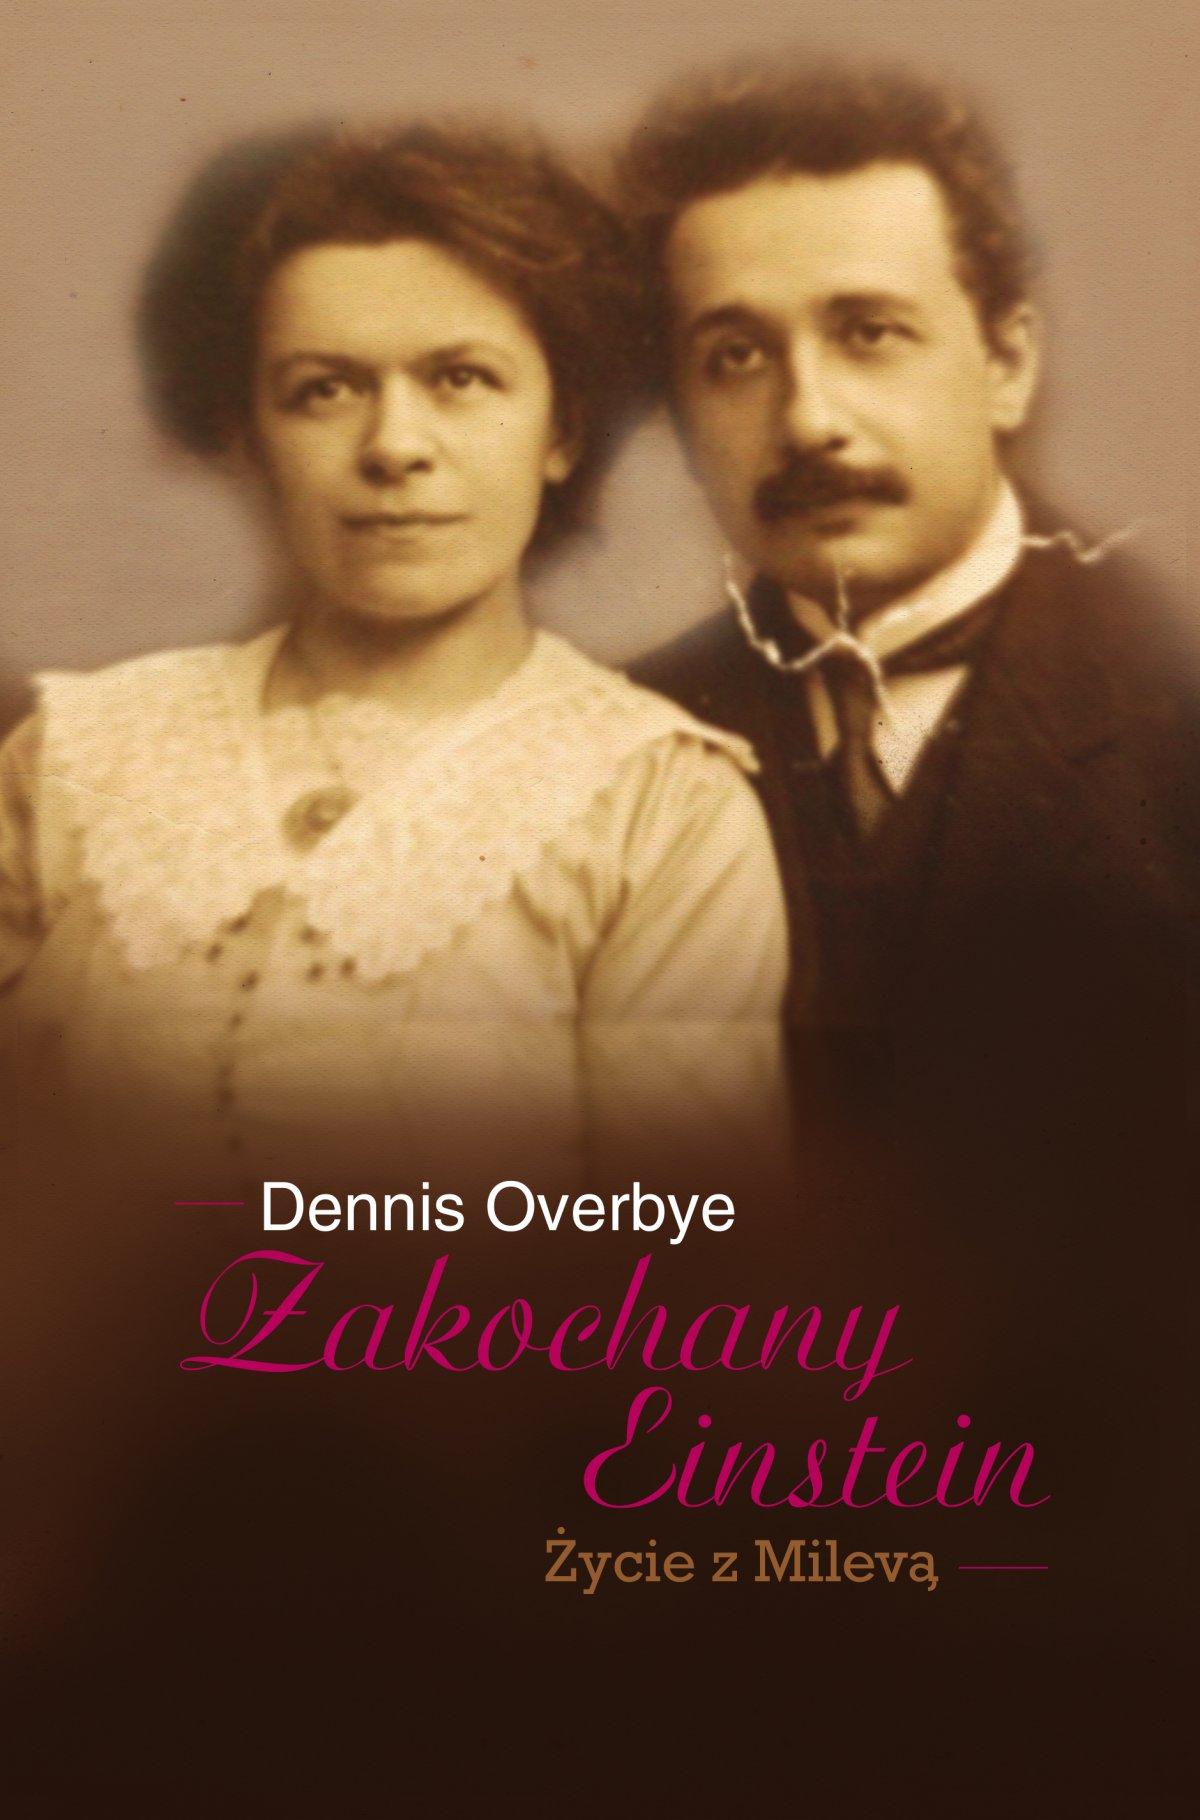 Zakochany Einstein. Życie z Milevą - Ebook (Książka na Kindle) do pobrania w formacie MOBI